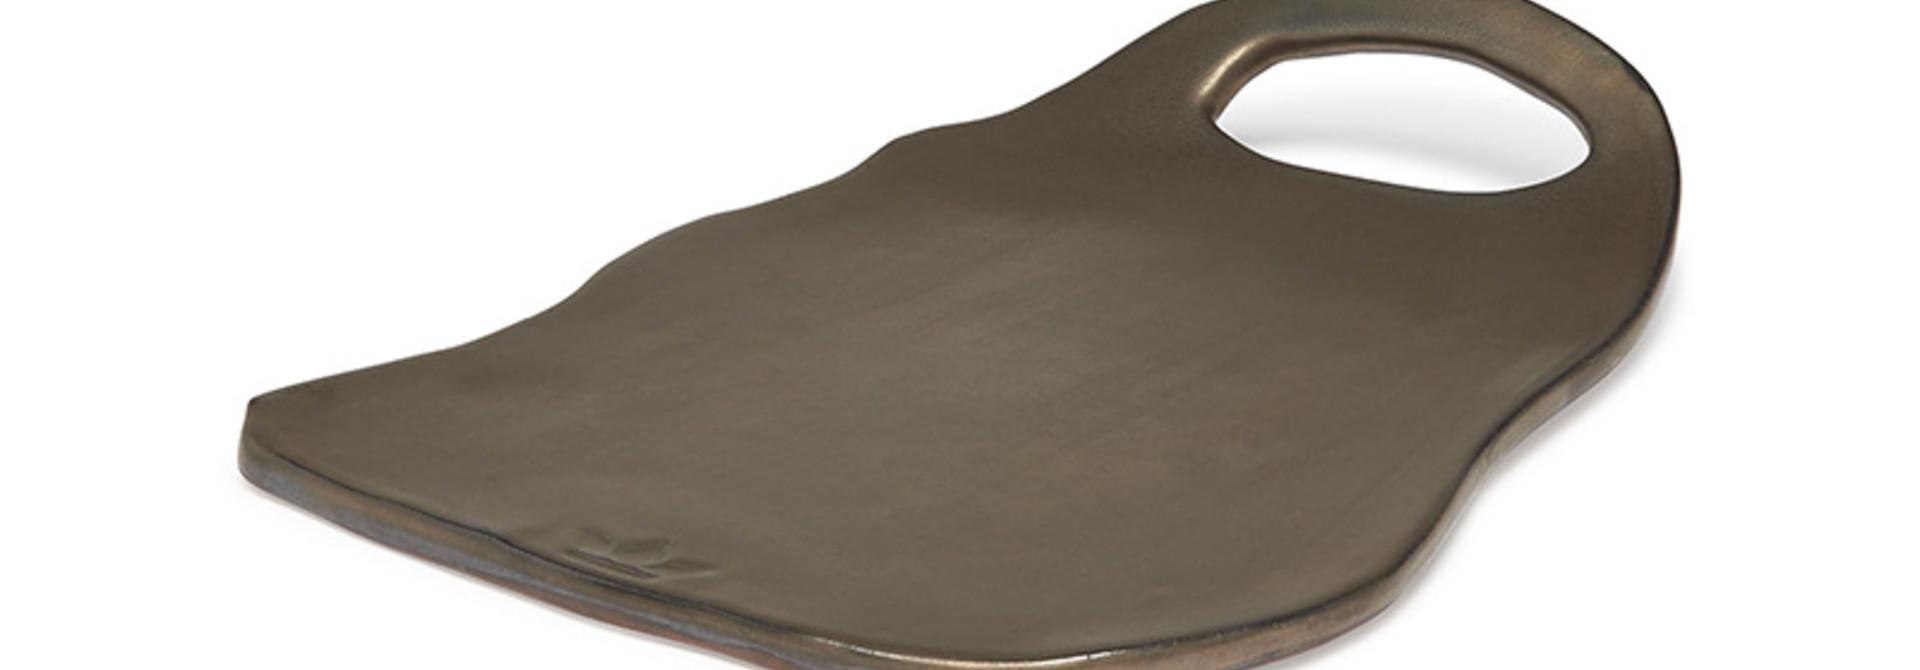 Ceramic Serving Plate - Ted - Platinum Matt - Lge